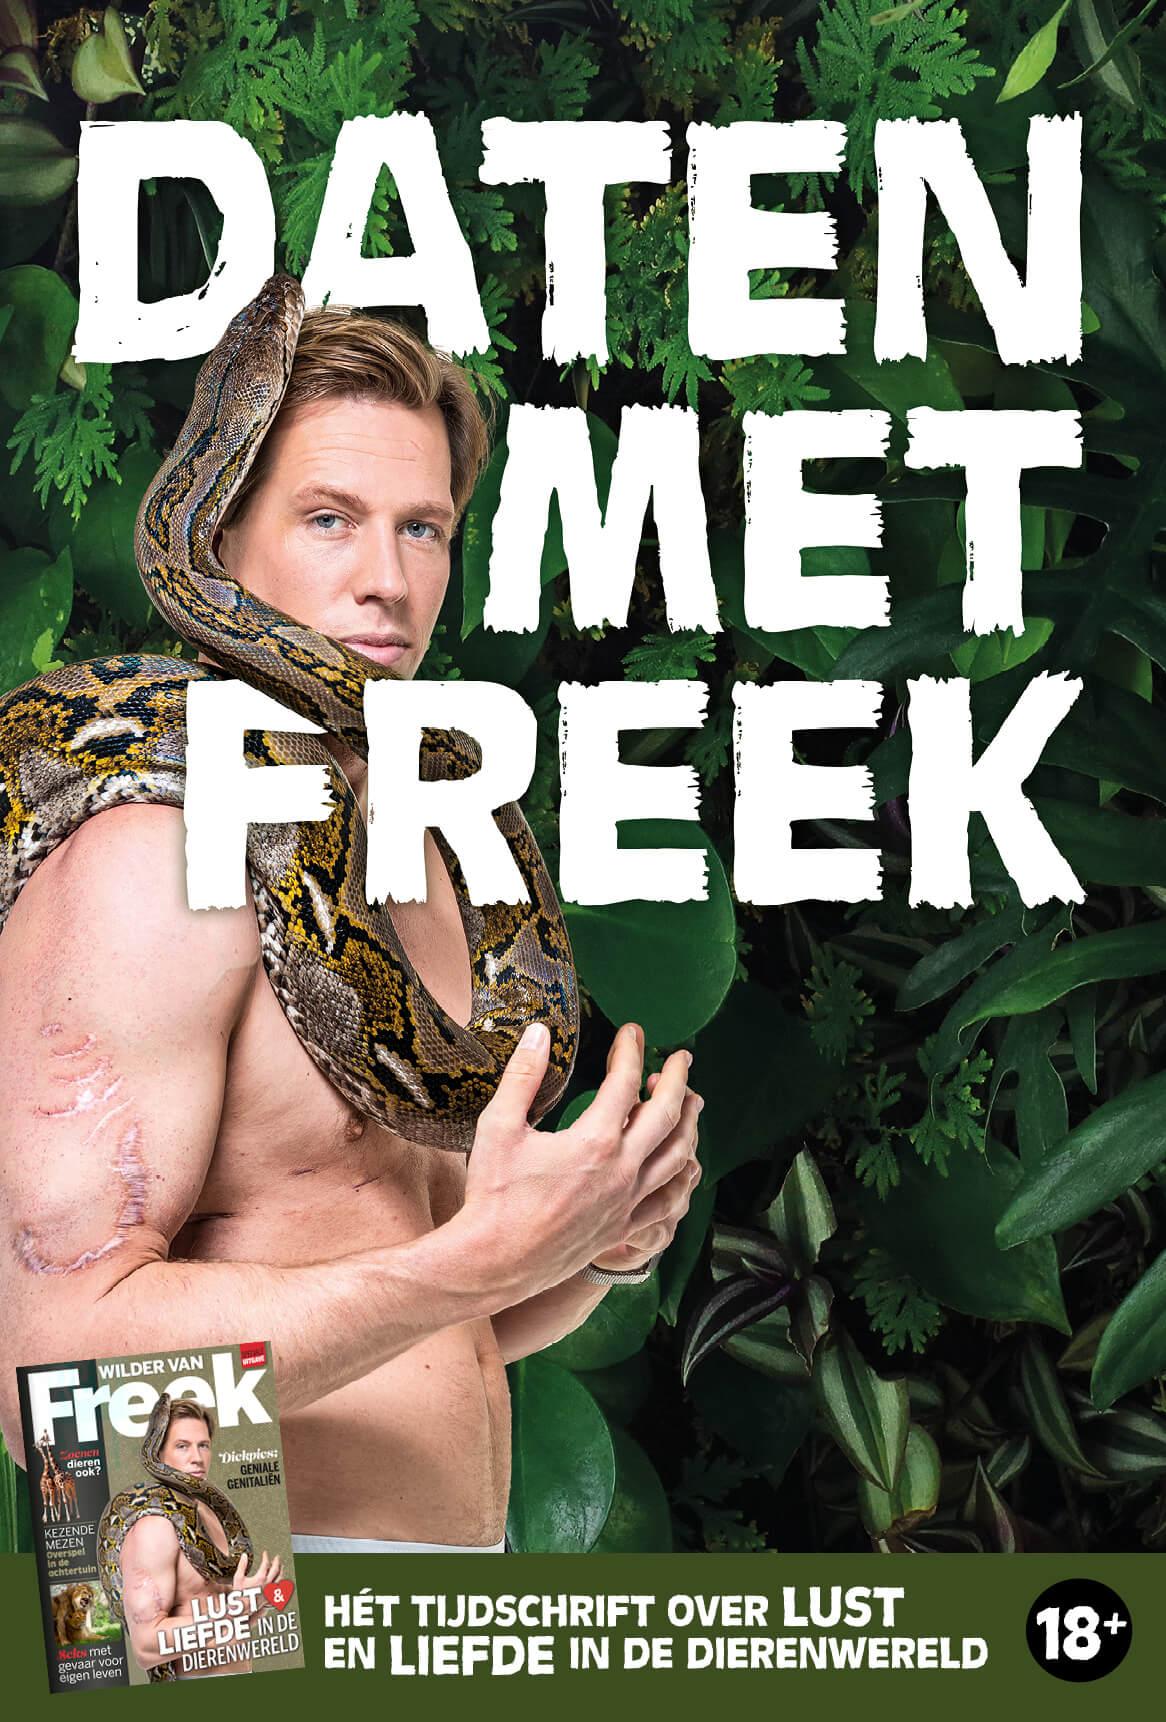 Meer van Freek